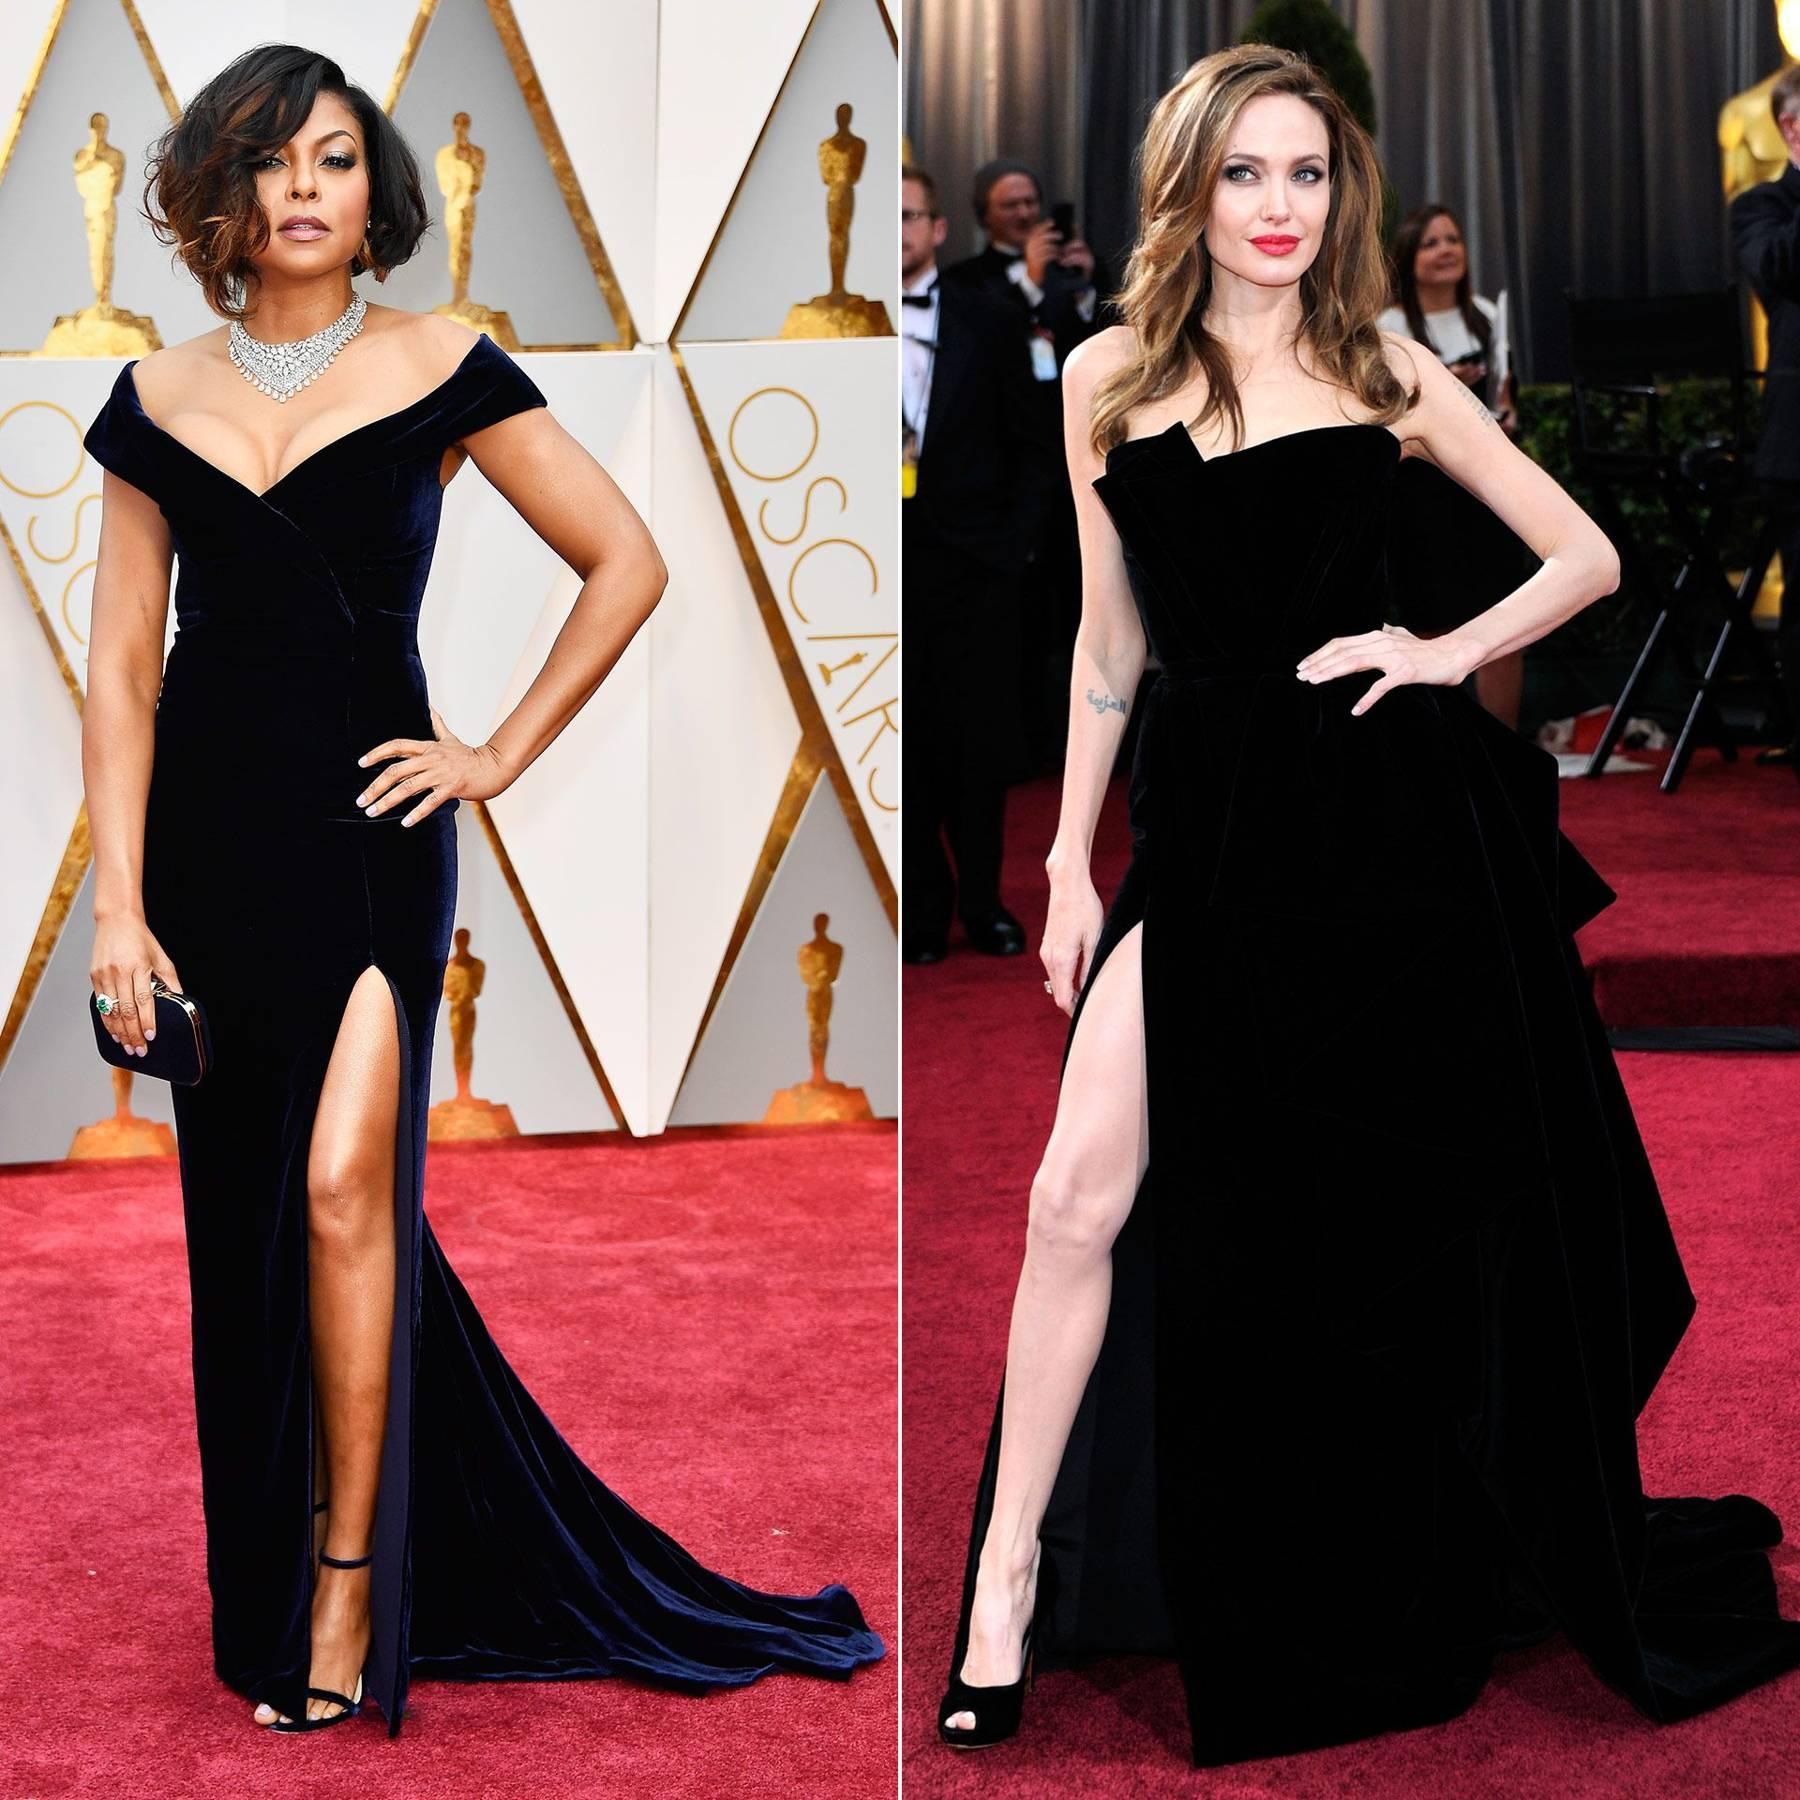 Angelina Jolies Leg At Oscars 2012 Celebrity Poses Glamour Uk Jolie Clothing Jamie Long Dress